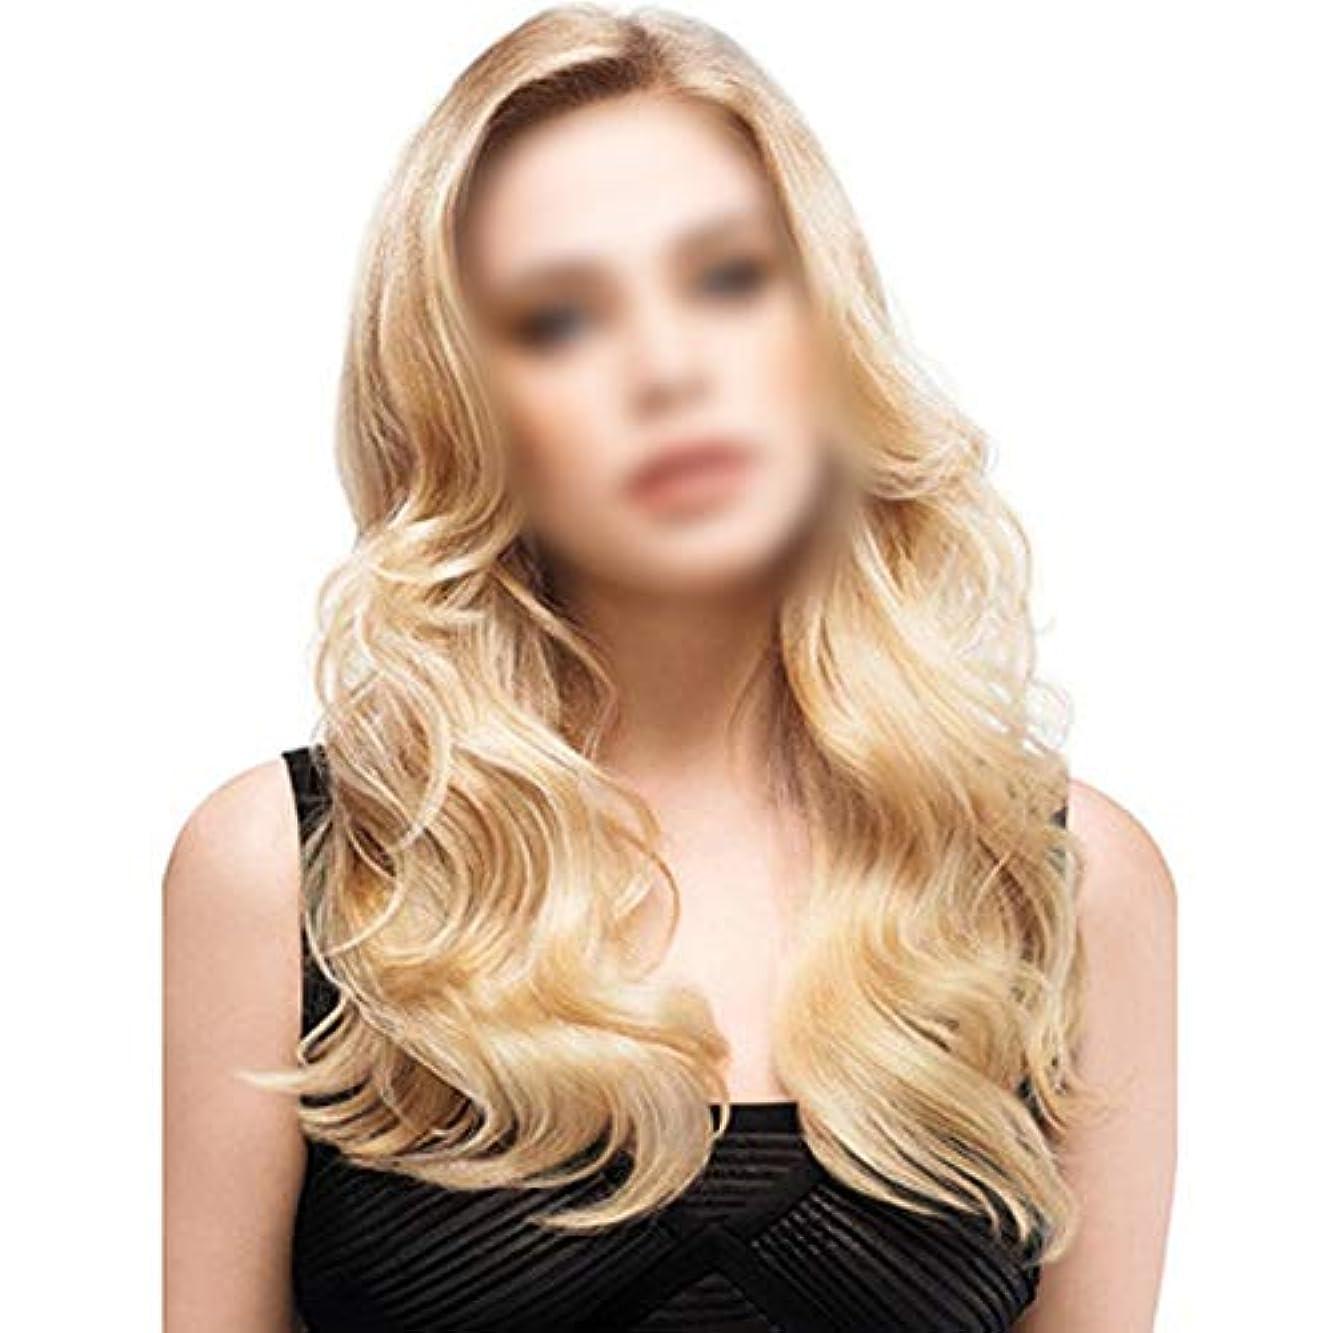 注目すべき愚かなオプションWASAIO 女性のためのスタイルの交換のための長い巻き毛の波状のブロンドのかつらアクセサリー毎日のドレス耐熱繊維+キャップ (色 : Blonde, サイズ : 65cm)